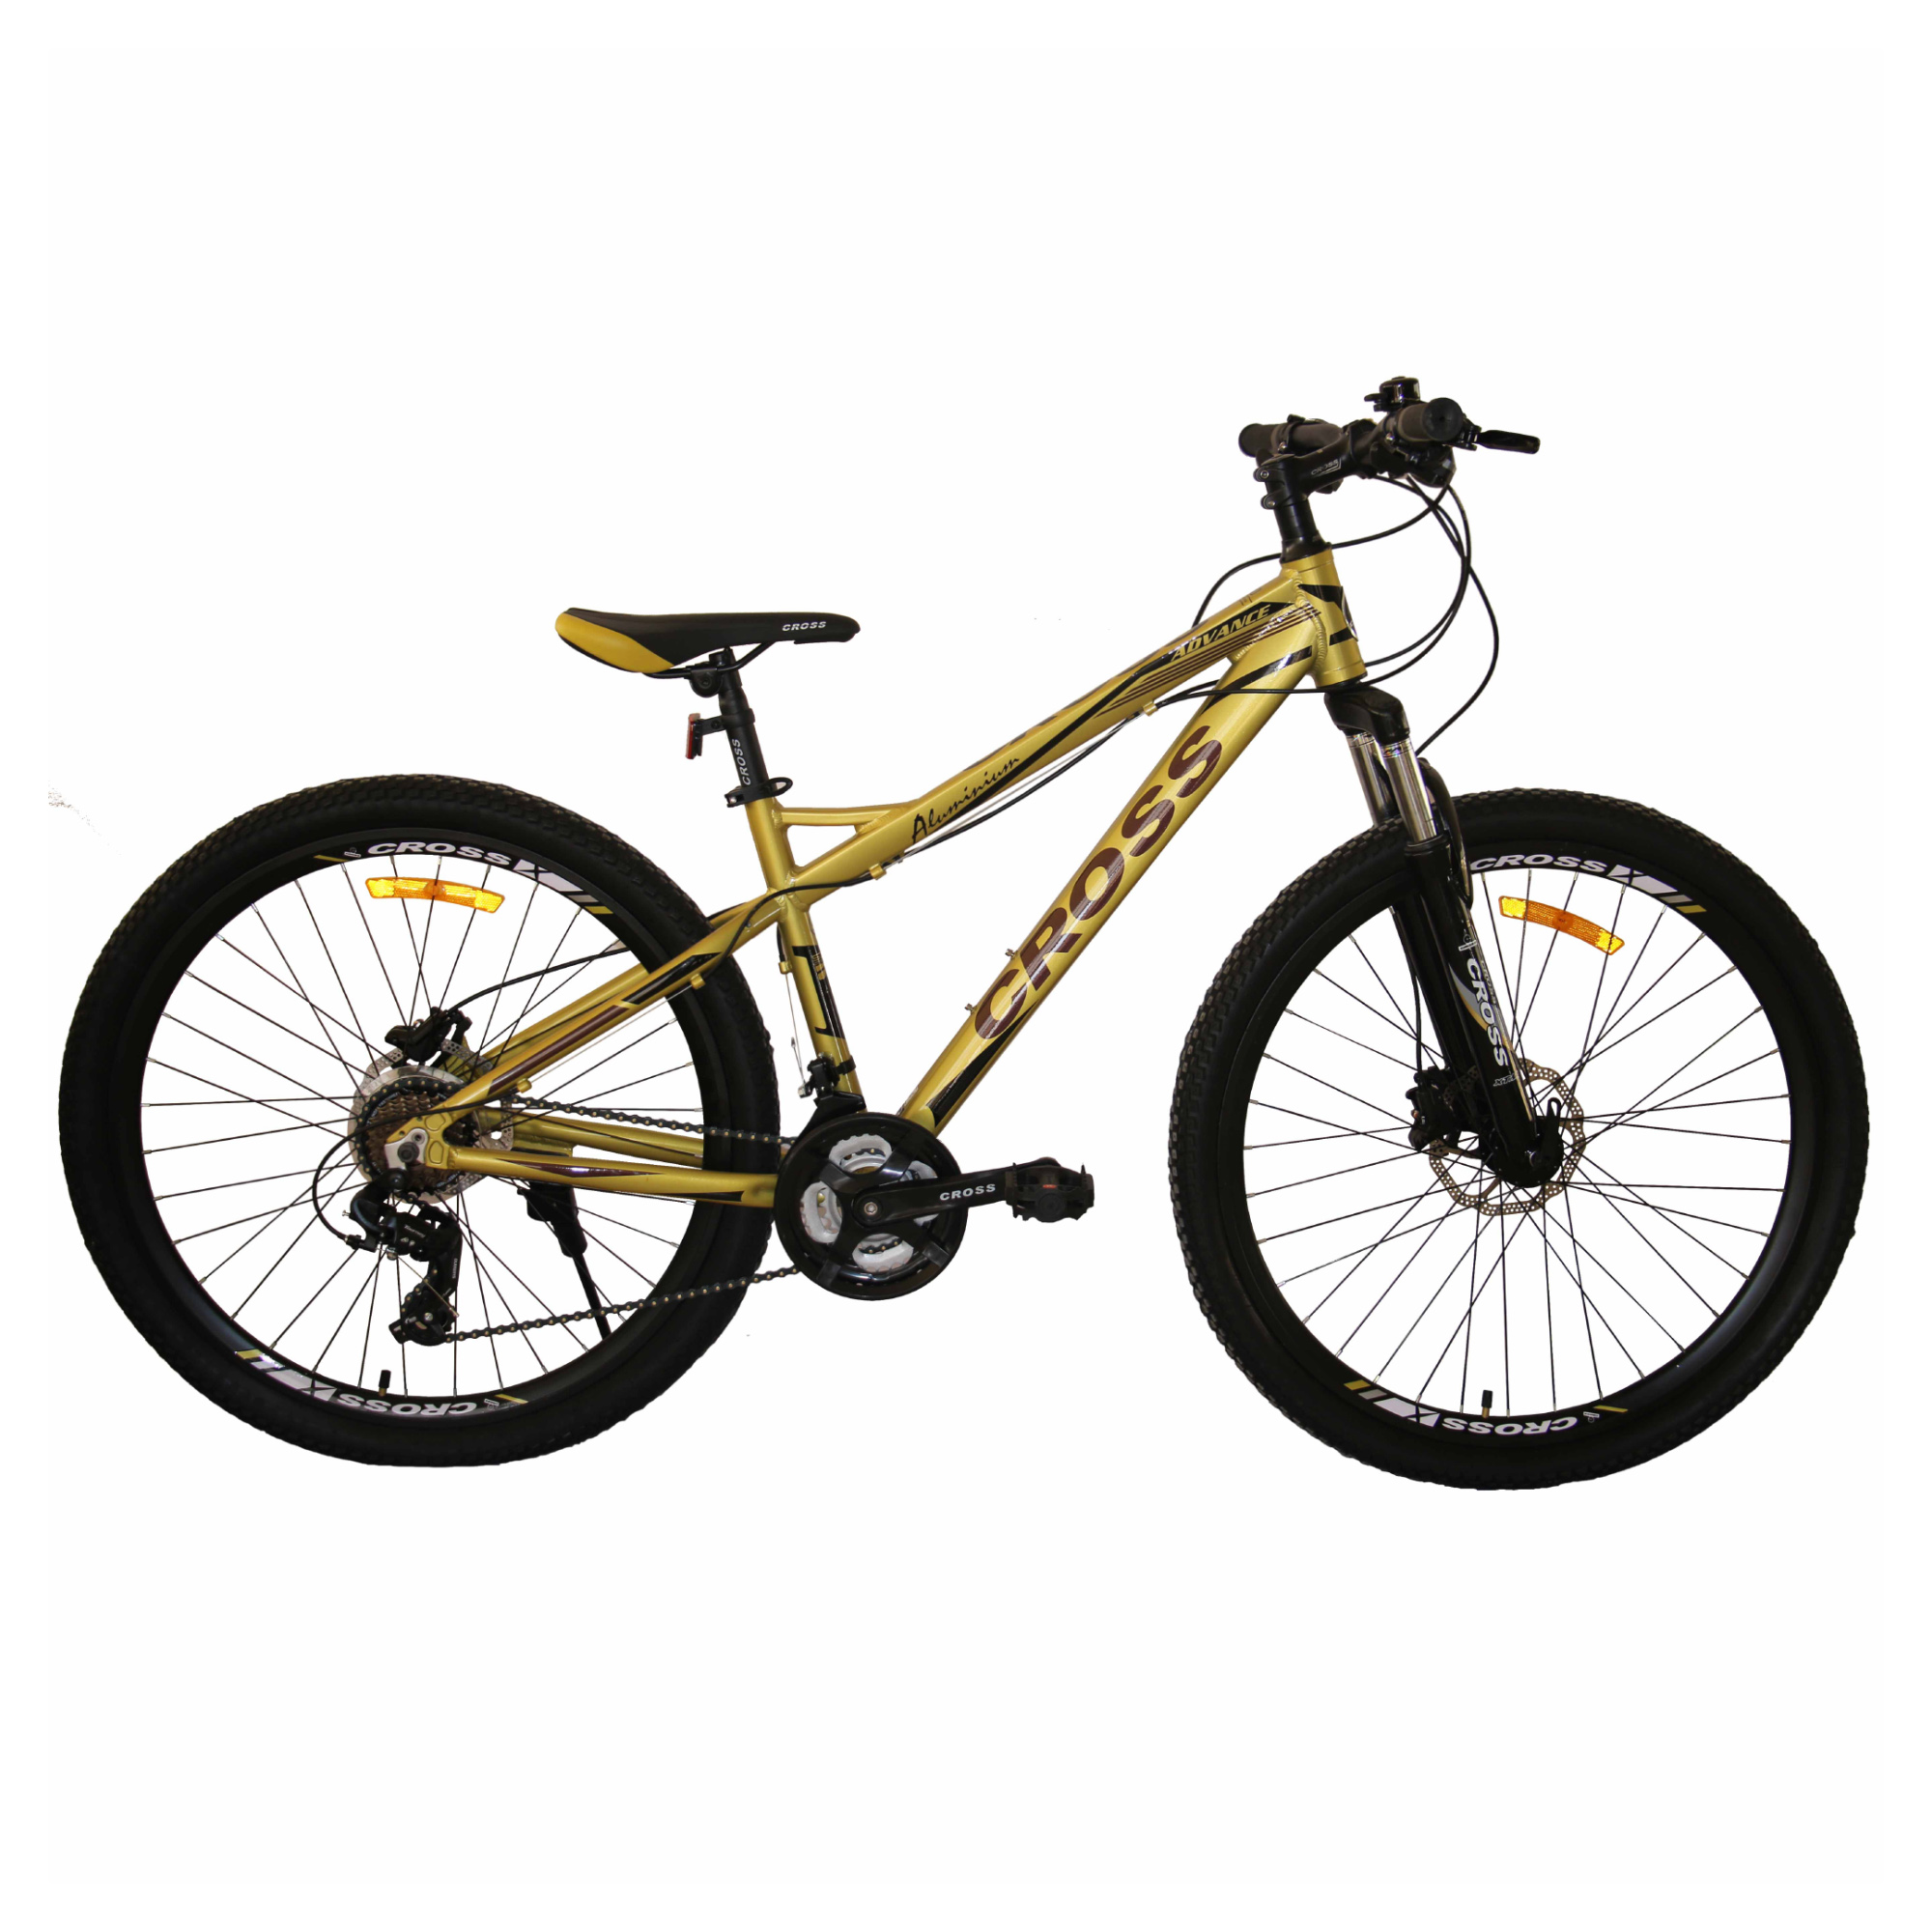 خرید                     دوچرخه کوهستان کراس مدل Advance سایز 27.5